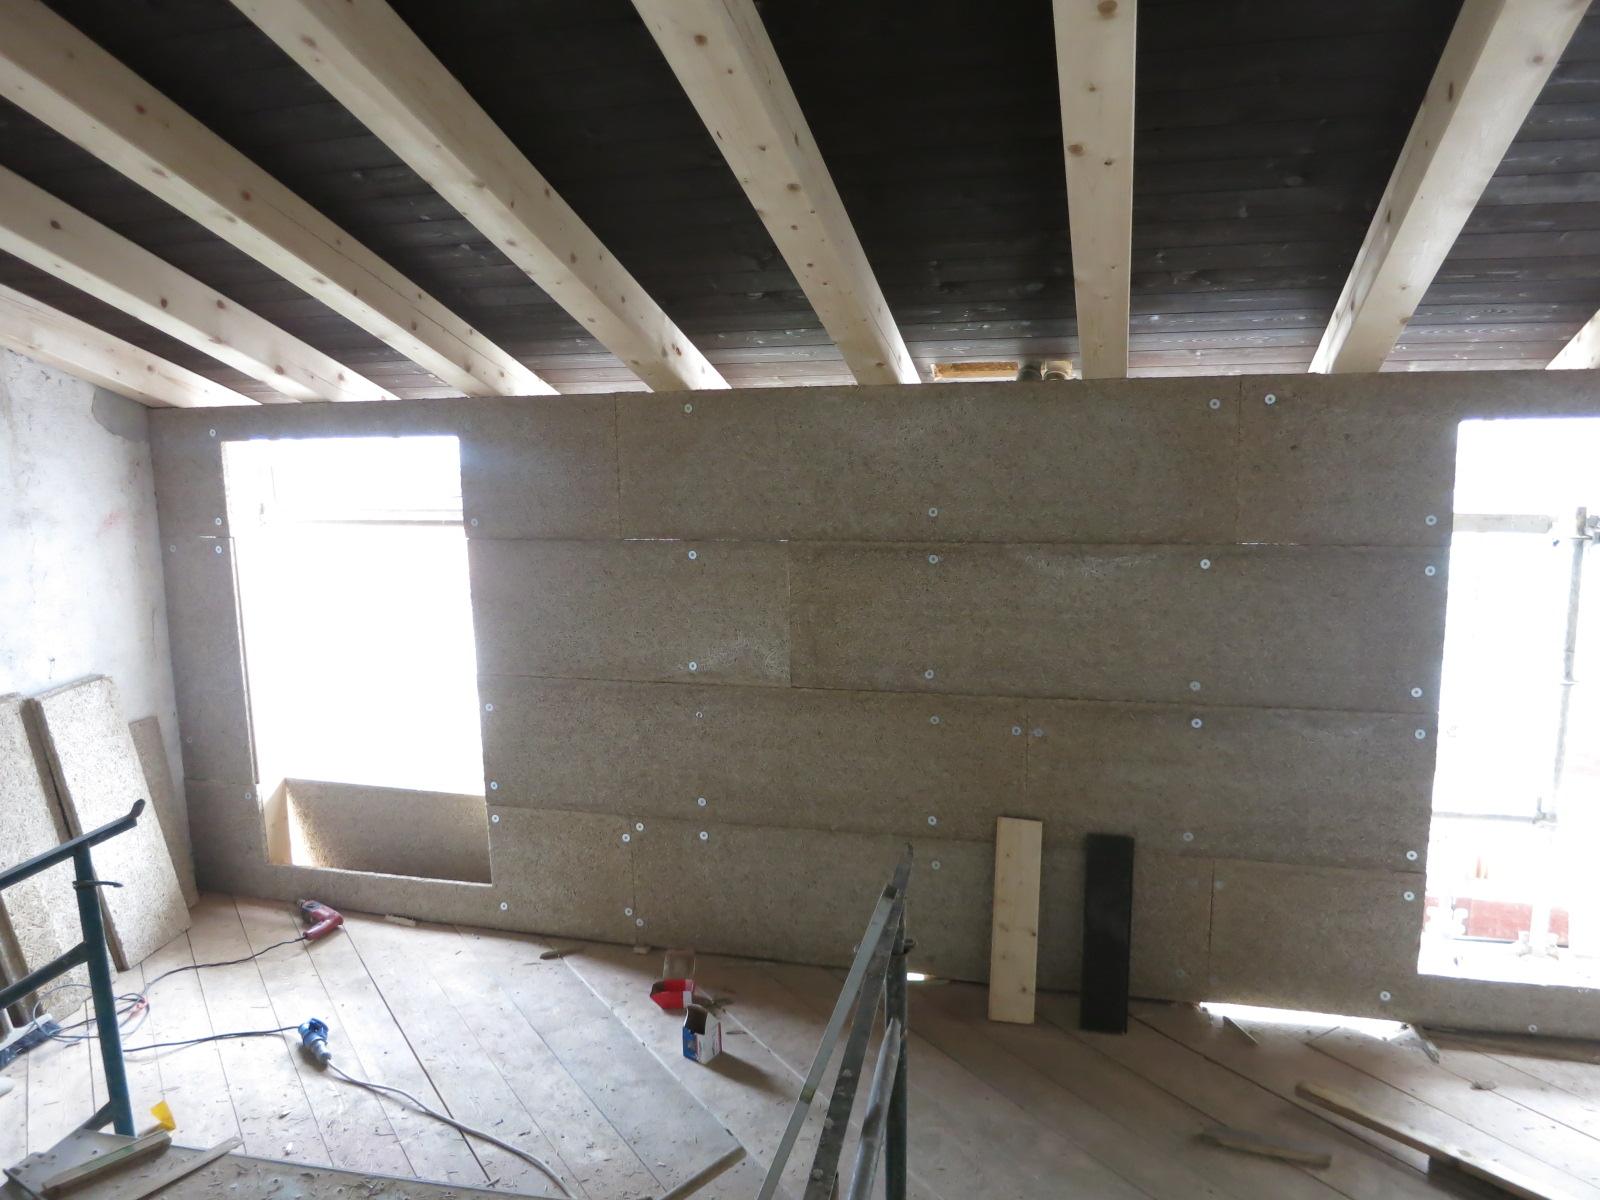 Completamento della parete interna in legnomagnesite